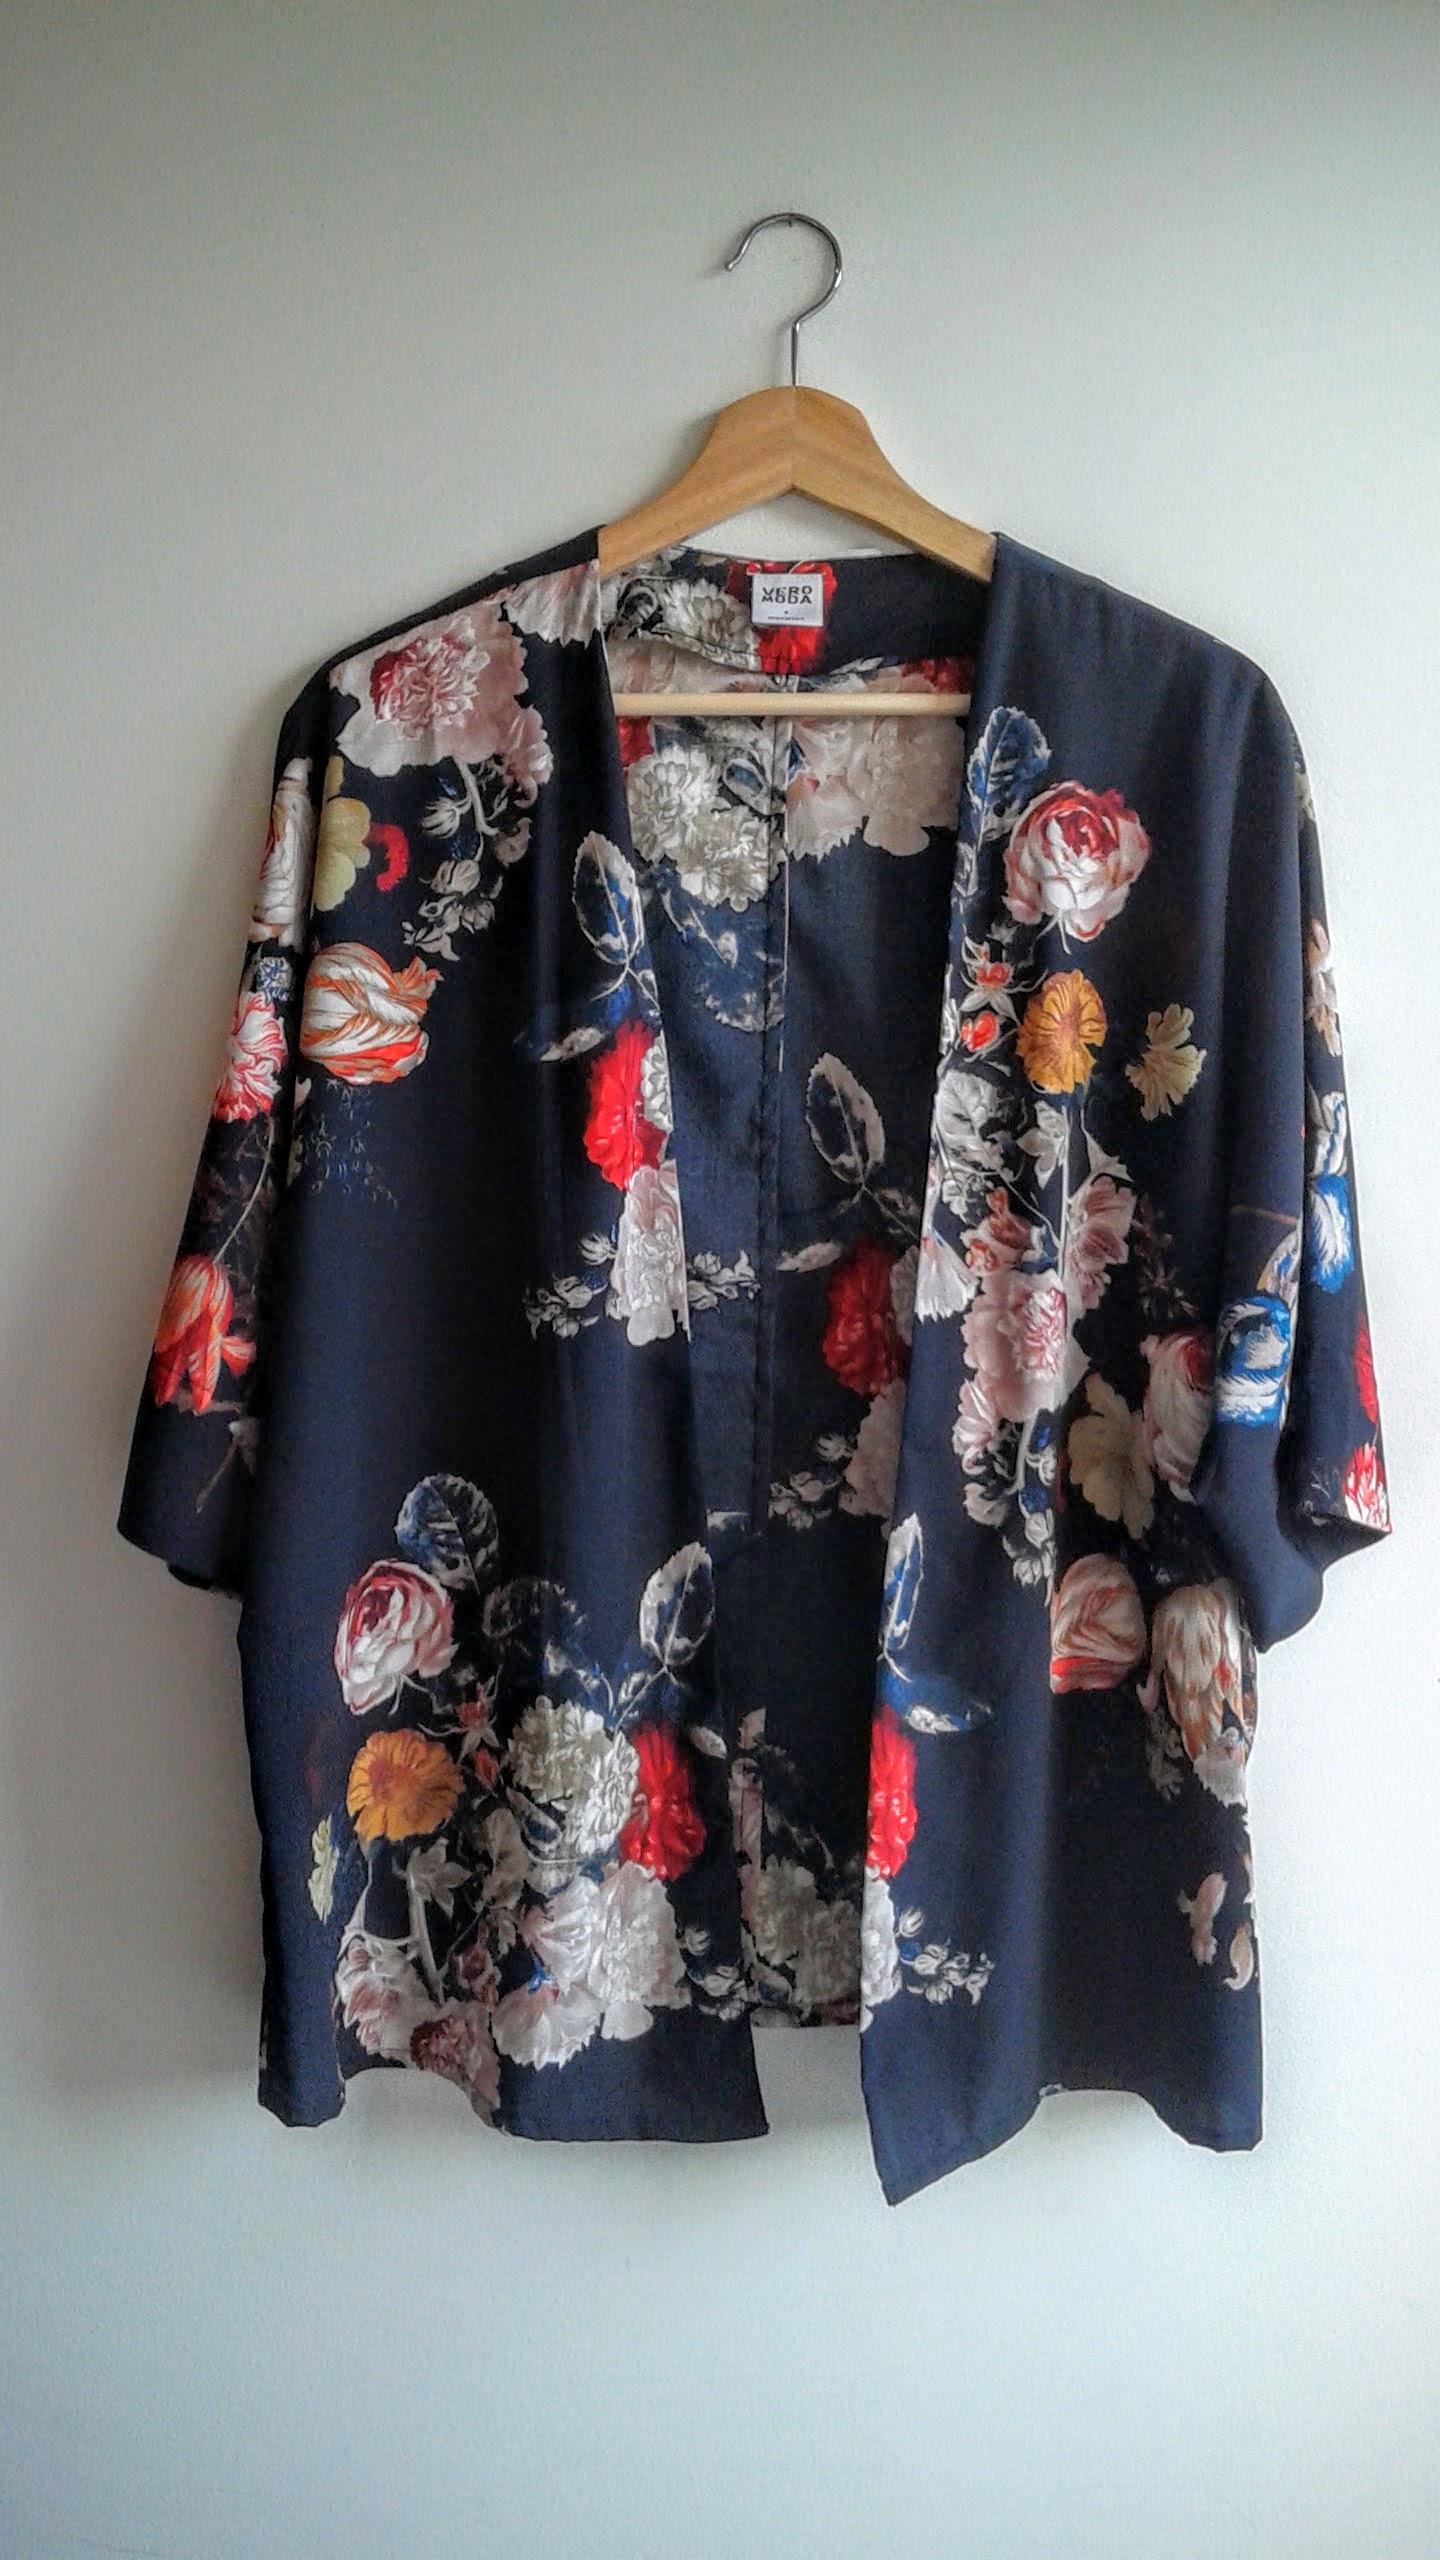 Vero Moda top; Size S, $24